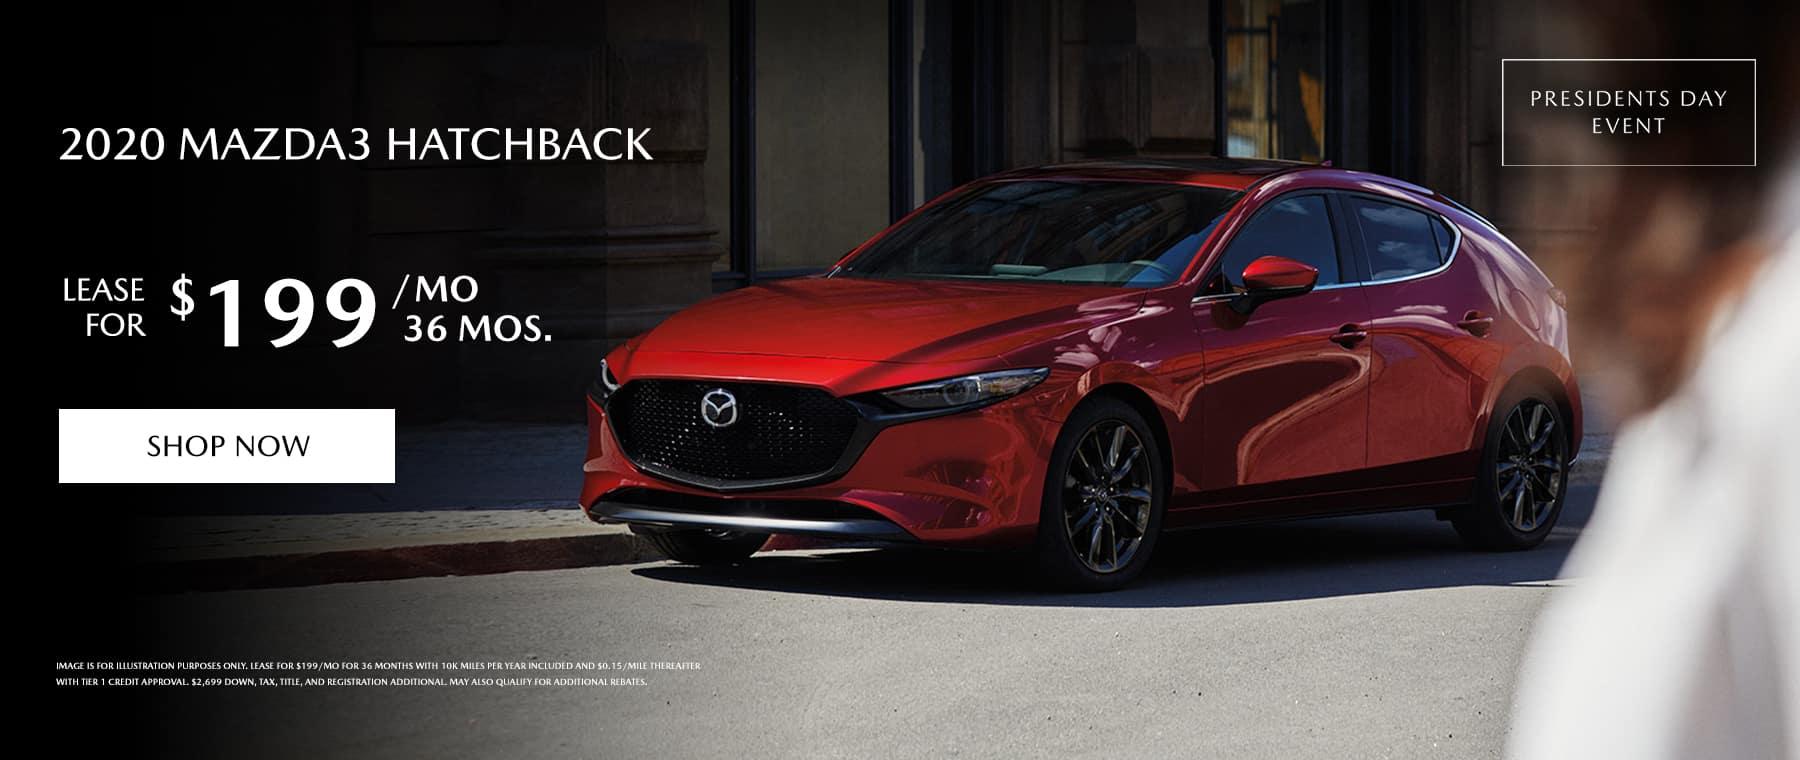 2020 Mazda3 Hatchback Lease